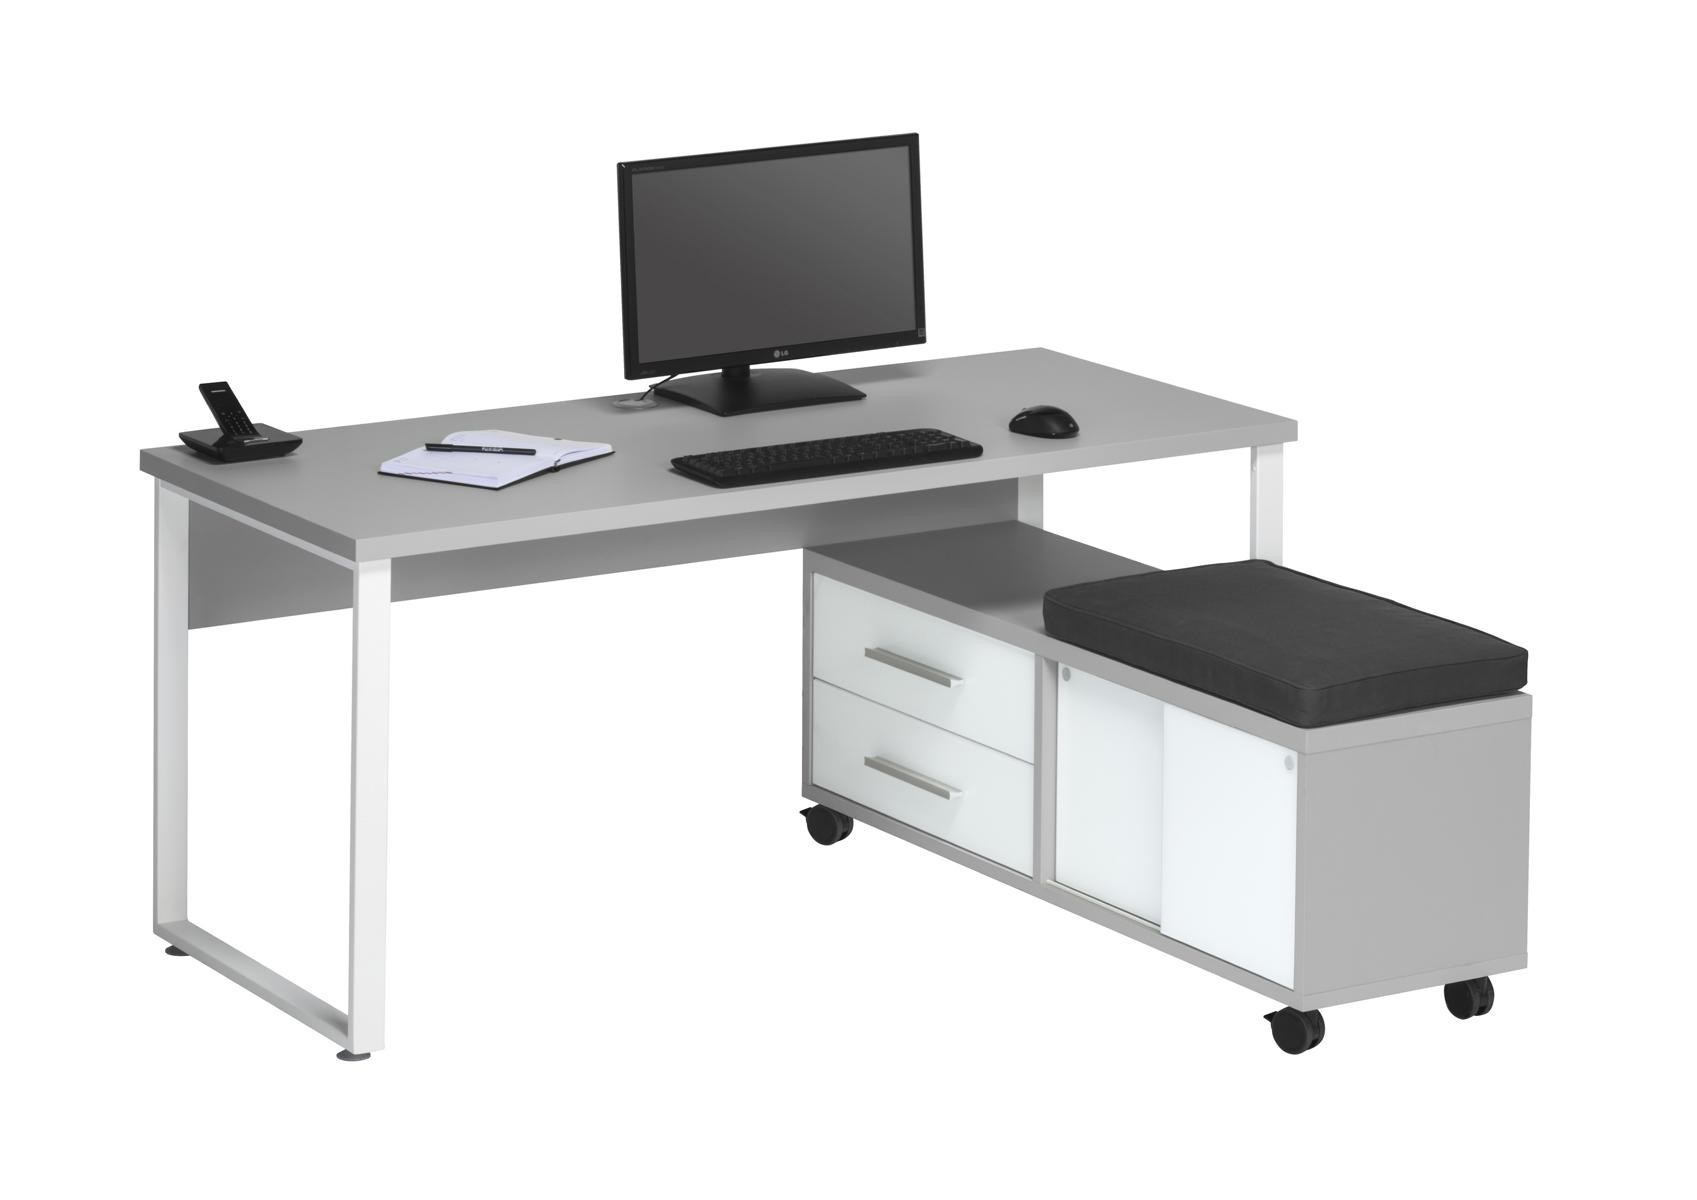 Sympathisch Schreibtisch Mit Rollcontainer Das Beste Von 16735563 + 16746346.jpg